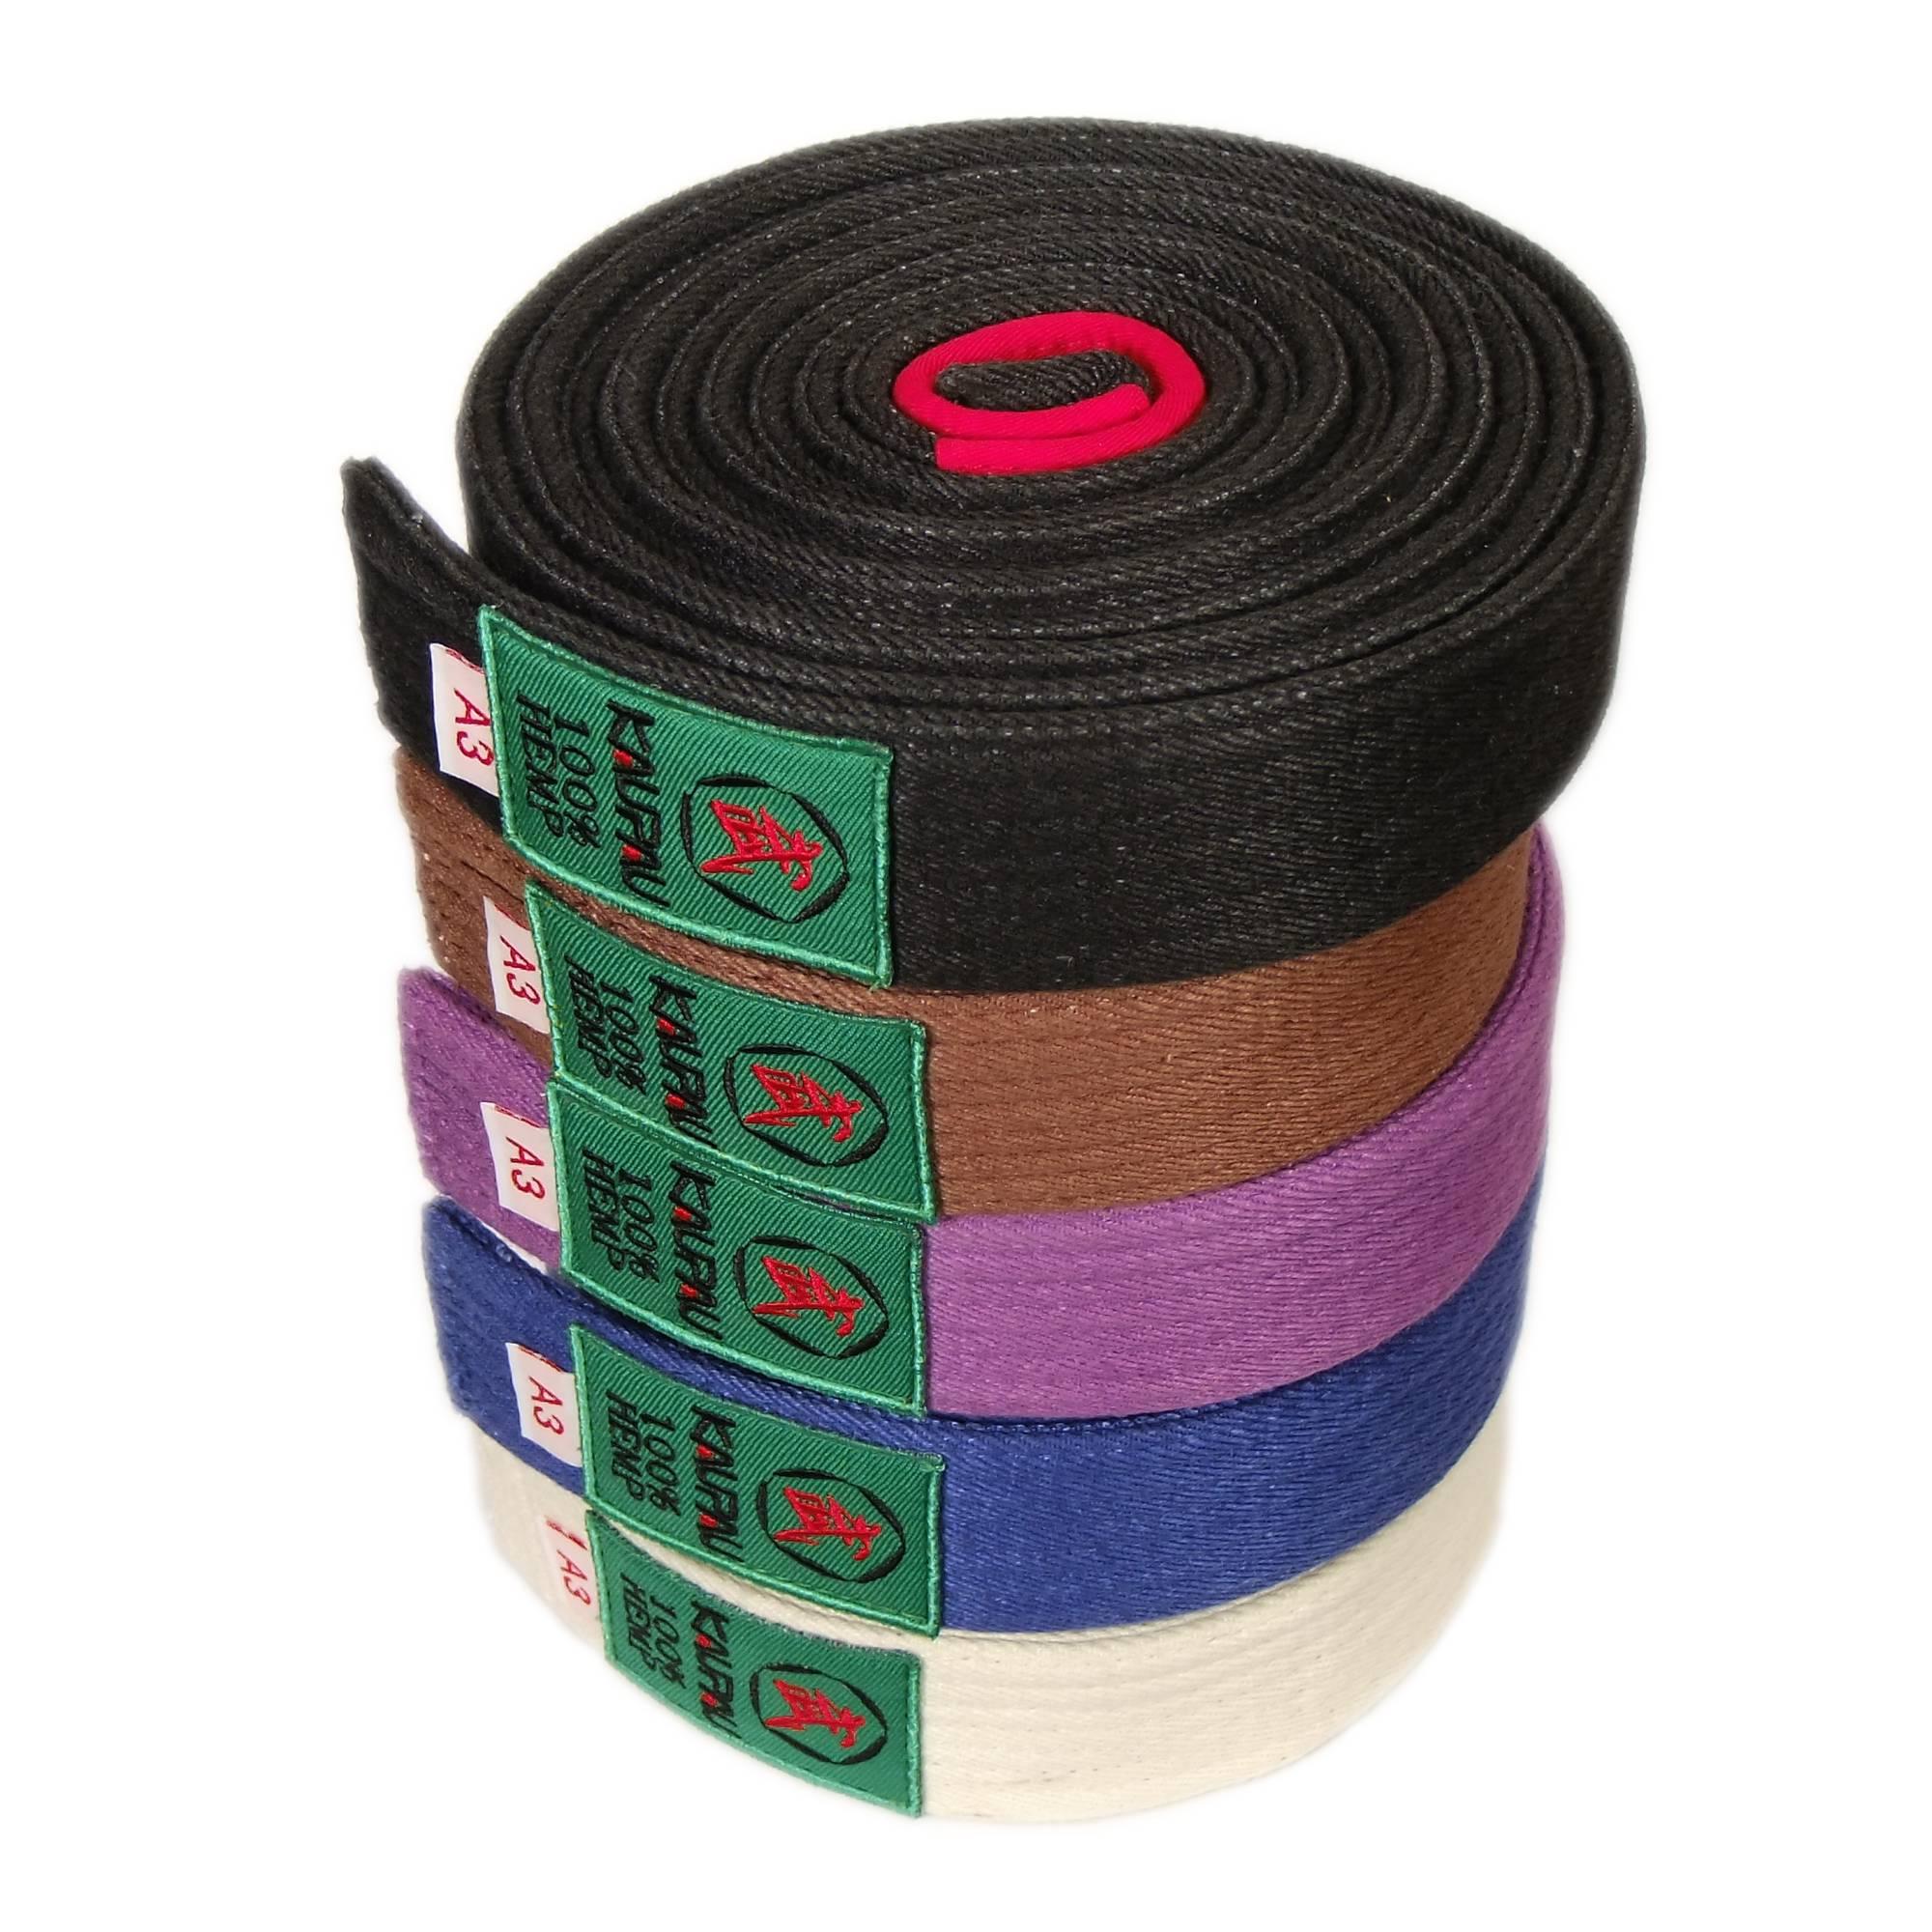 Kaupau бразилия мягкий техника одежда ремень конкуренция обучение с белым фиолетовый темно-коричневый цвета ленты цветной необязательный бесплатная доставка